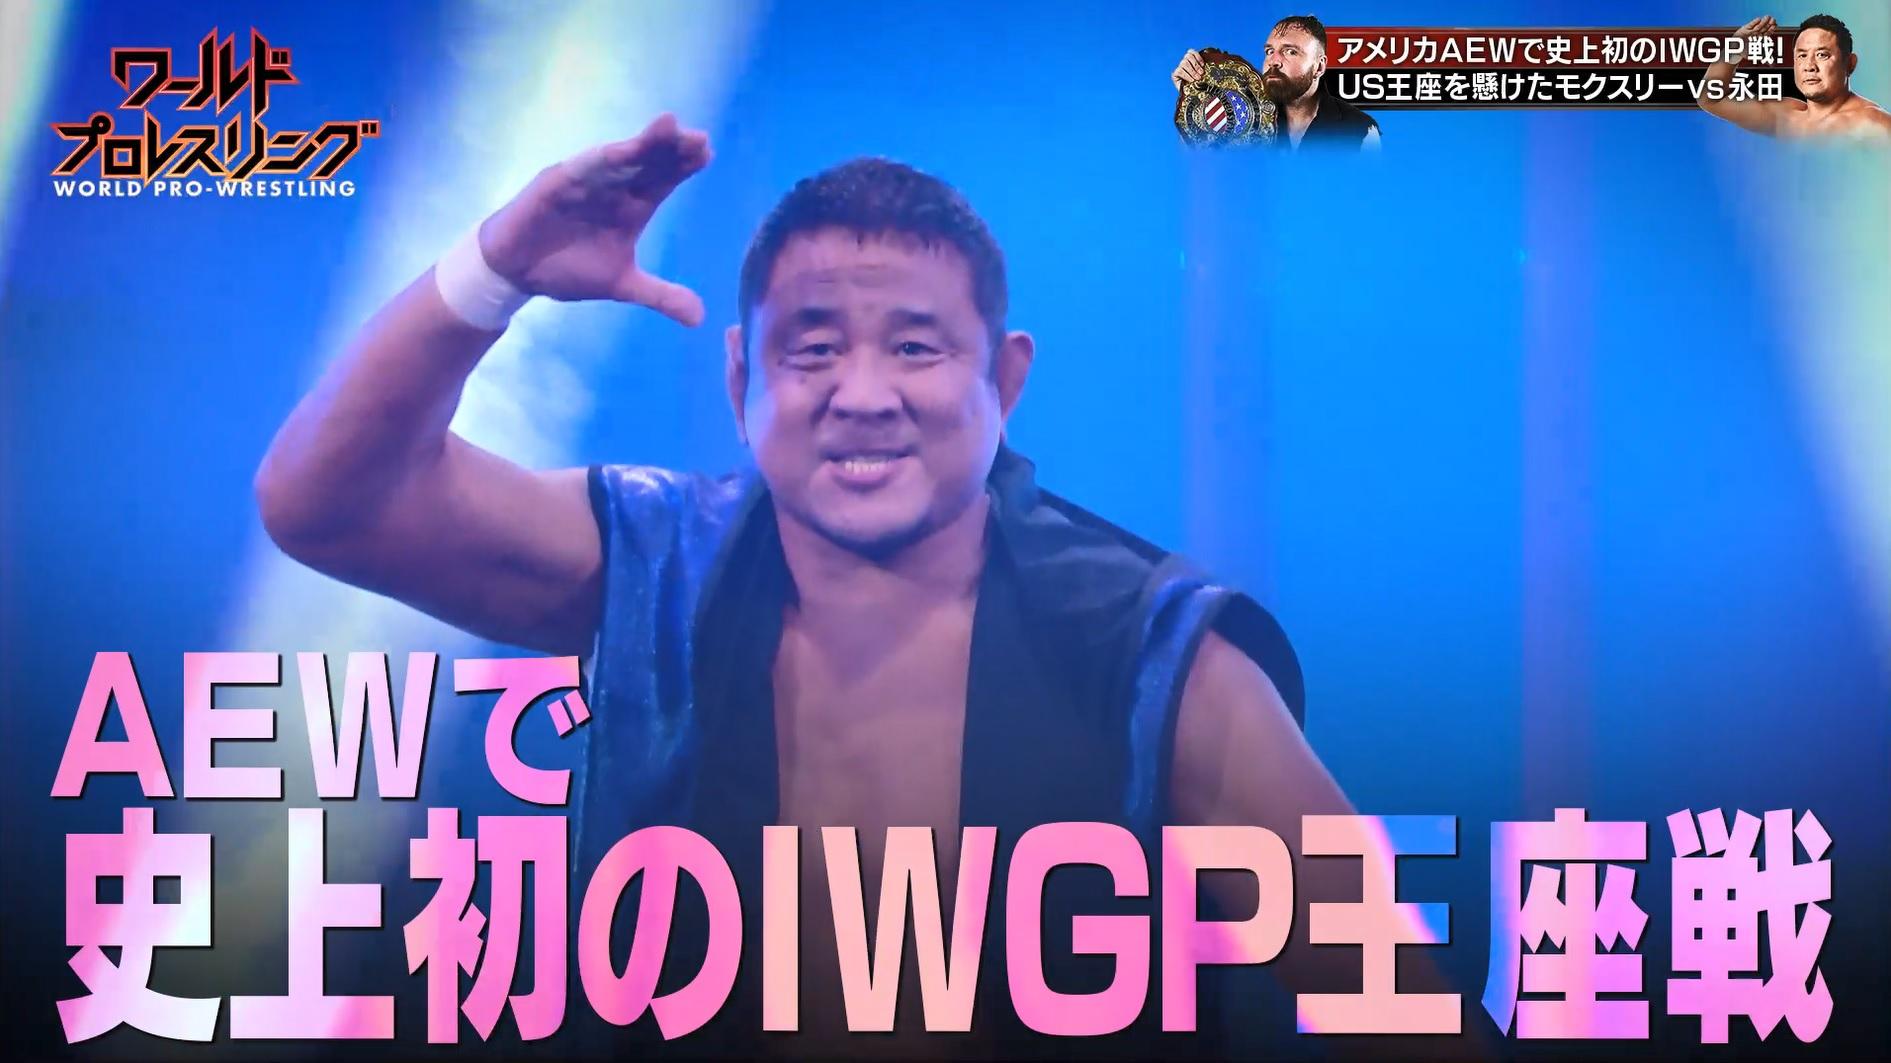 【歴史的一戦!】米国ファン熱狂!AEWリングで史上初のIWGP王座戦!王者モクスリー vs 永田裕志